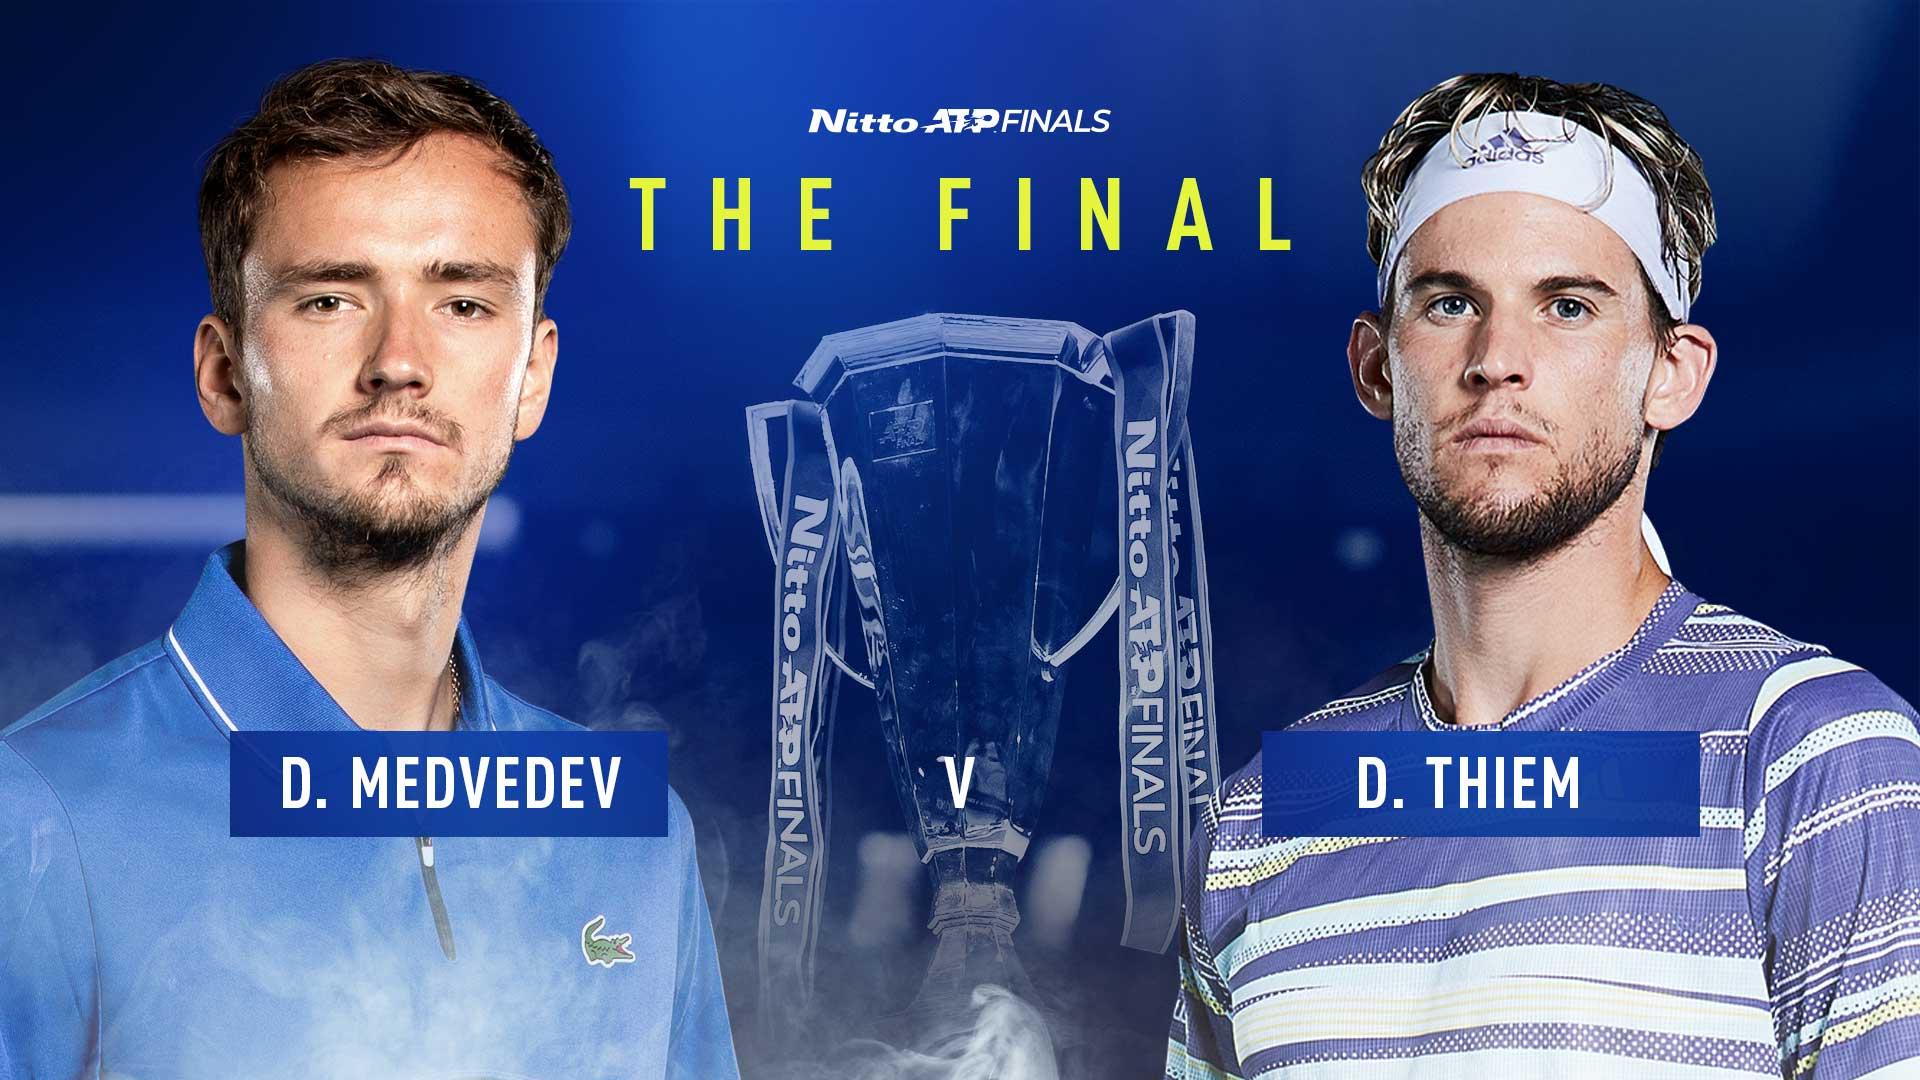 Медведев сыграет в финале с Домиником Тимом